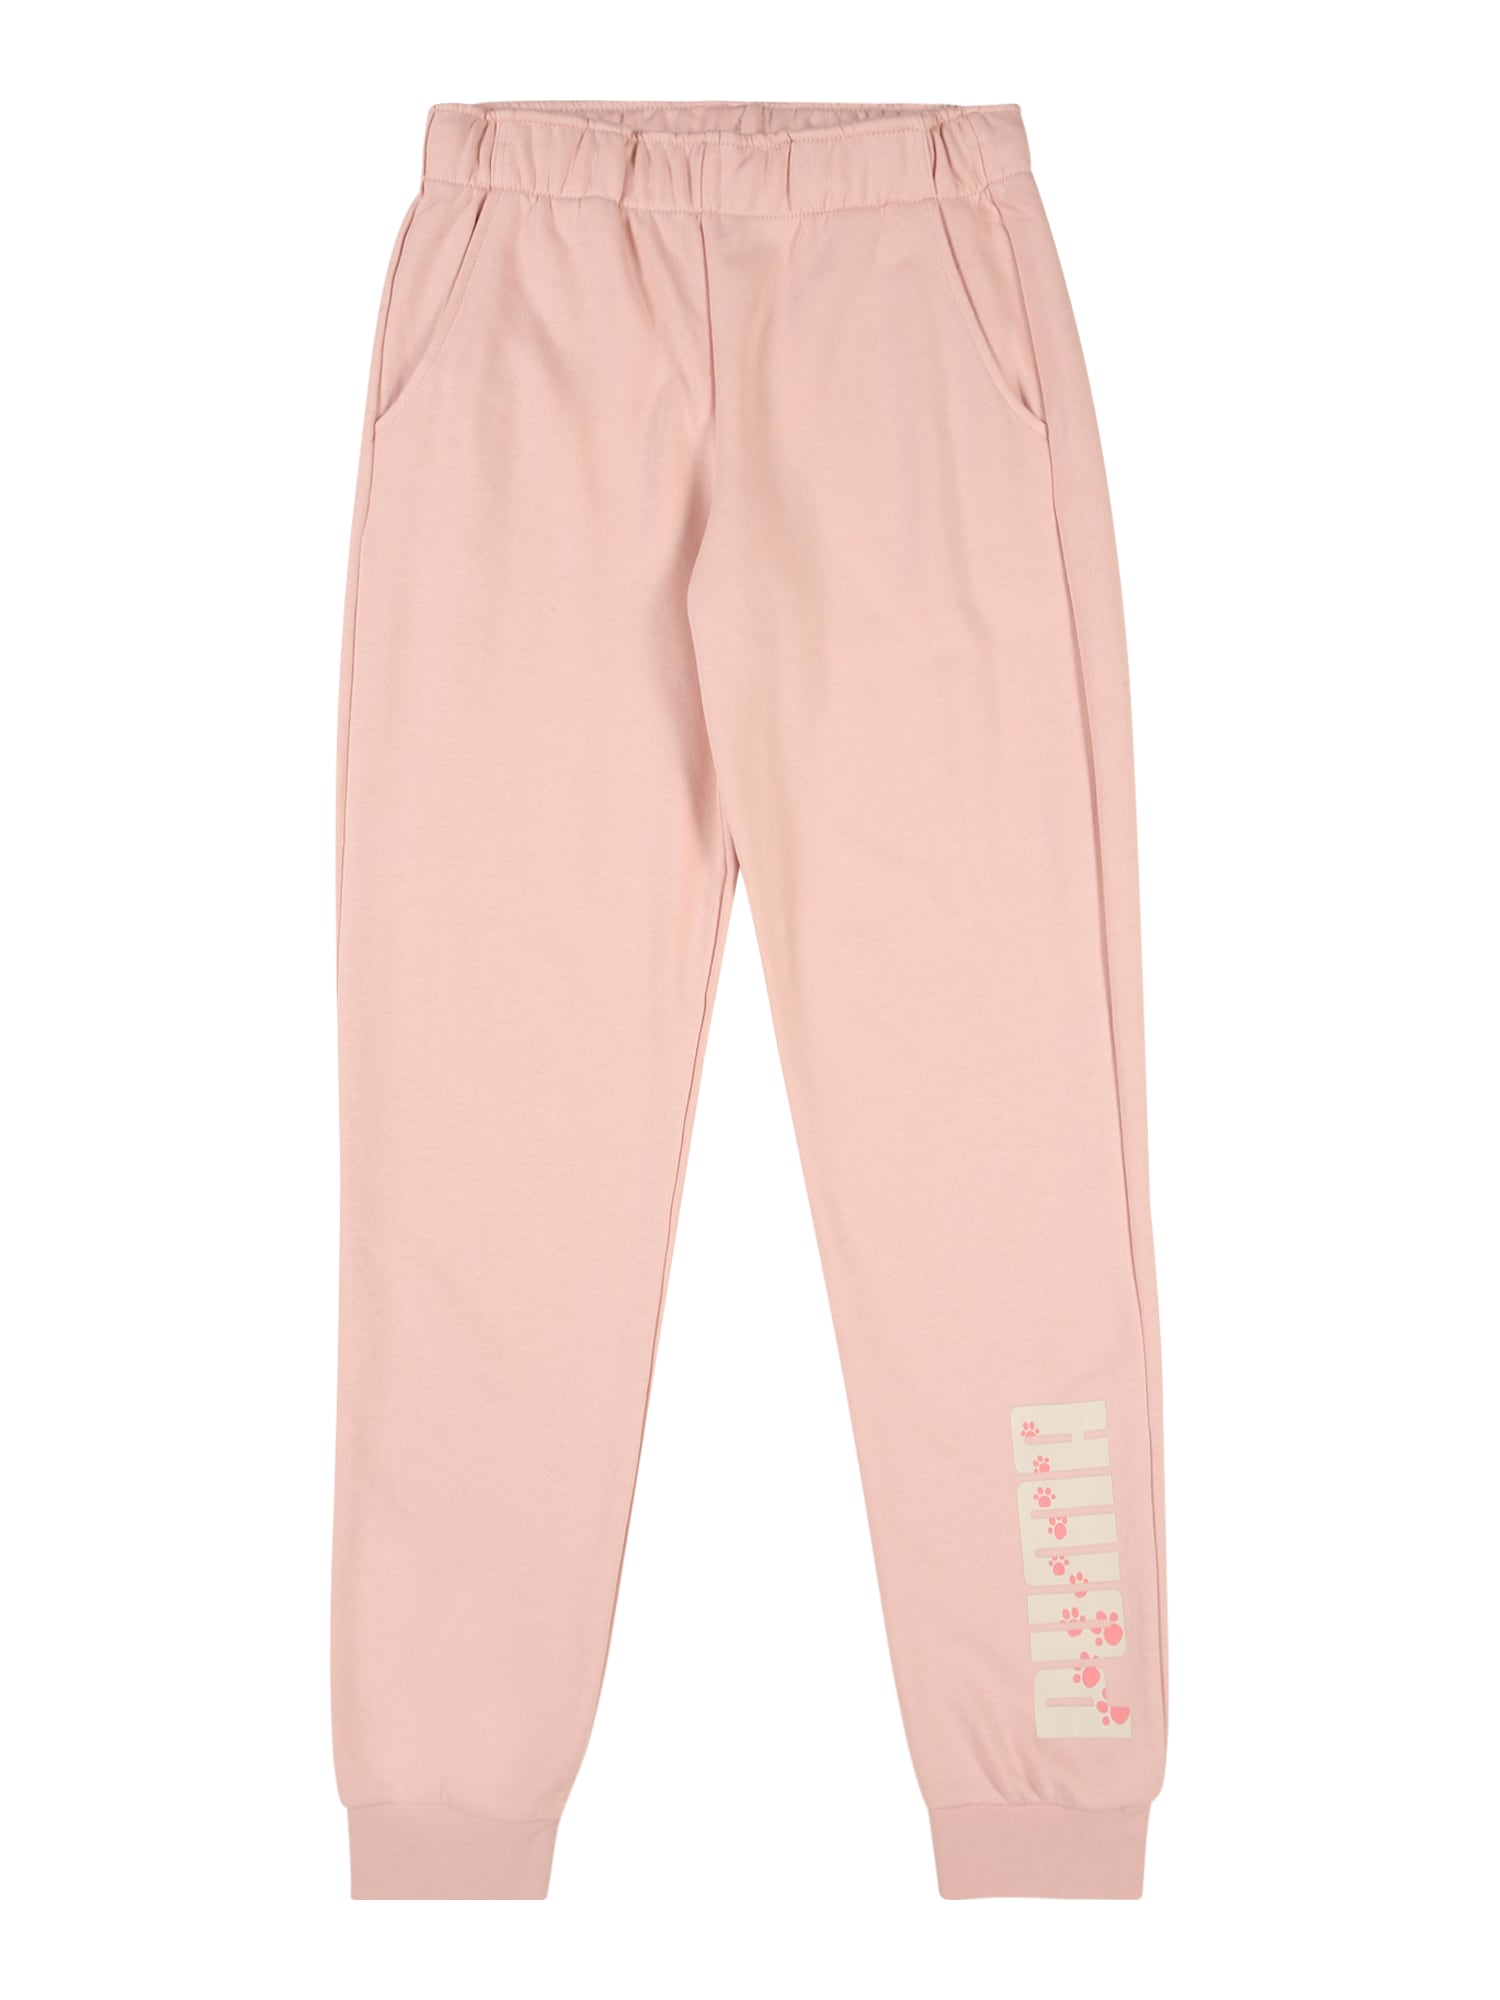 PUMA Sportinės kelnės balta / rožinė